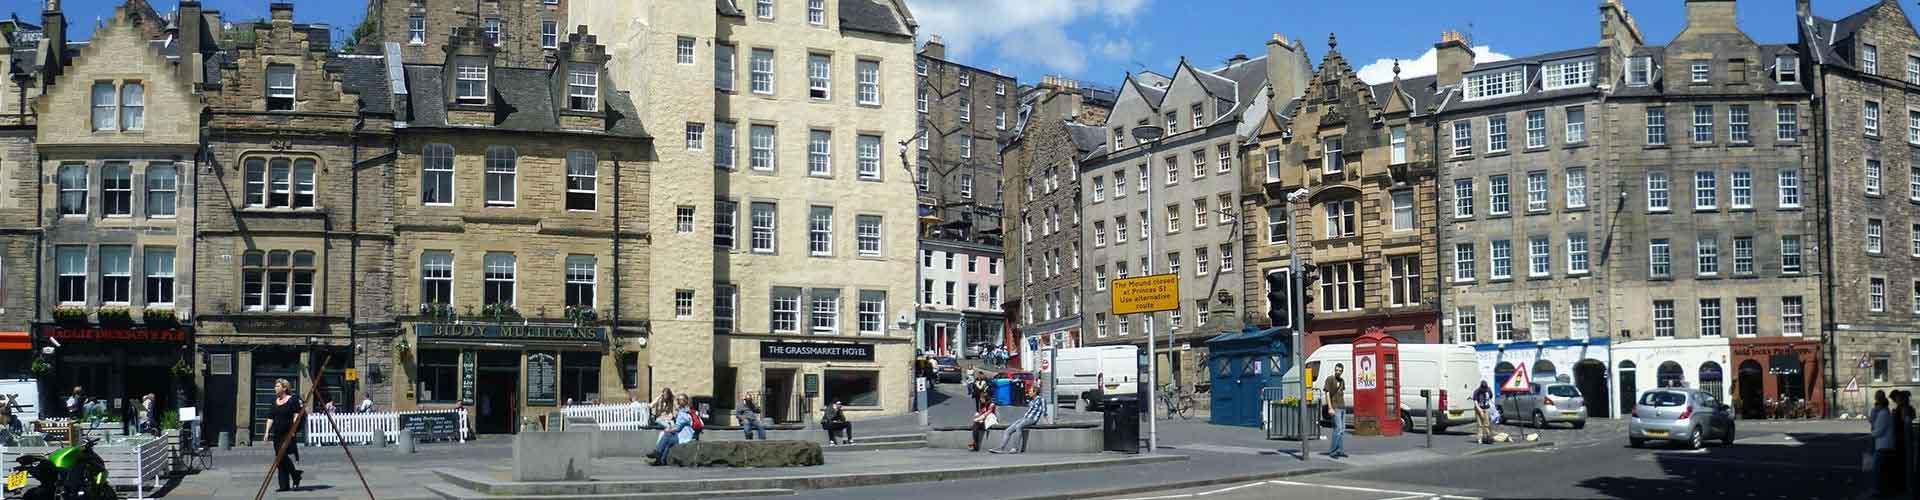 Edimburgo - Apartamentos en el distrito The Grassmarket. Mapas de Edimburgo, Fotos y comentarios de cada Apartamento en Edimburgo.